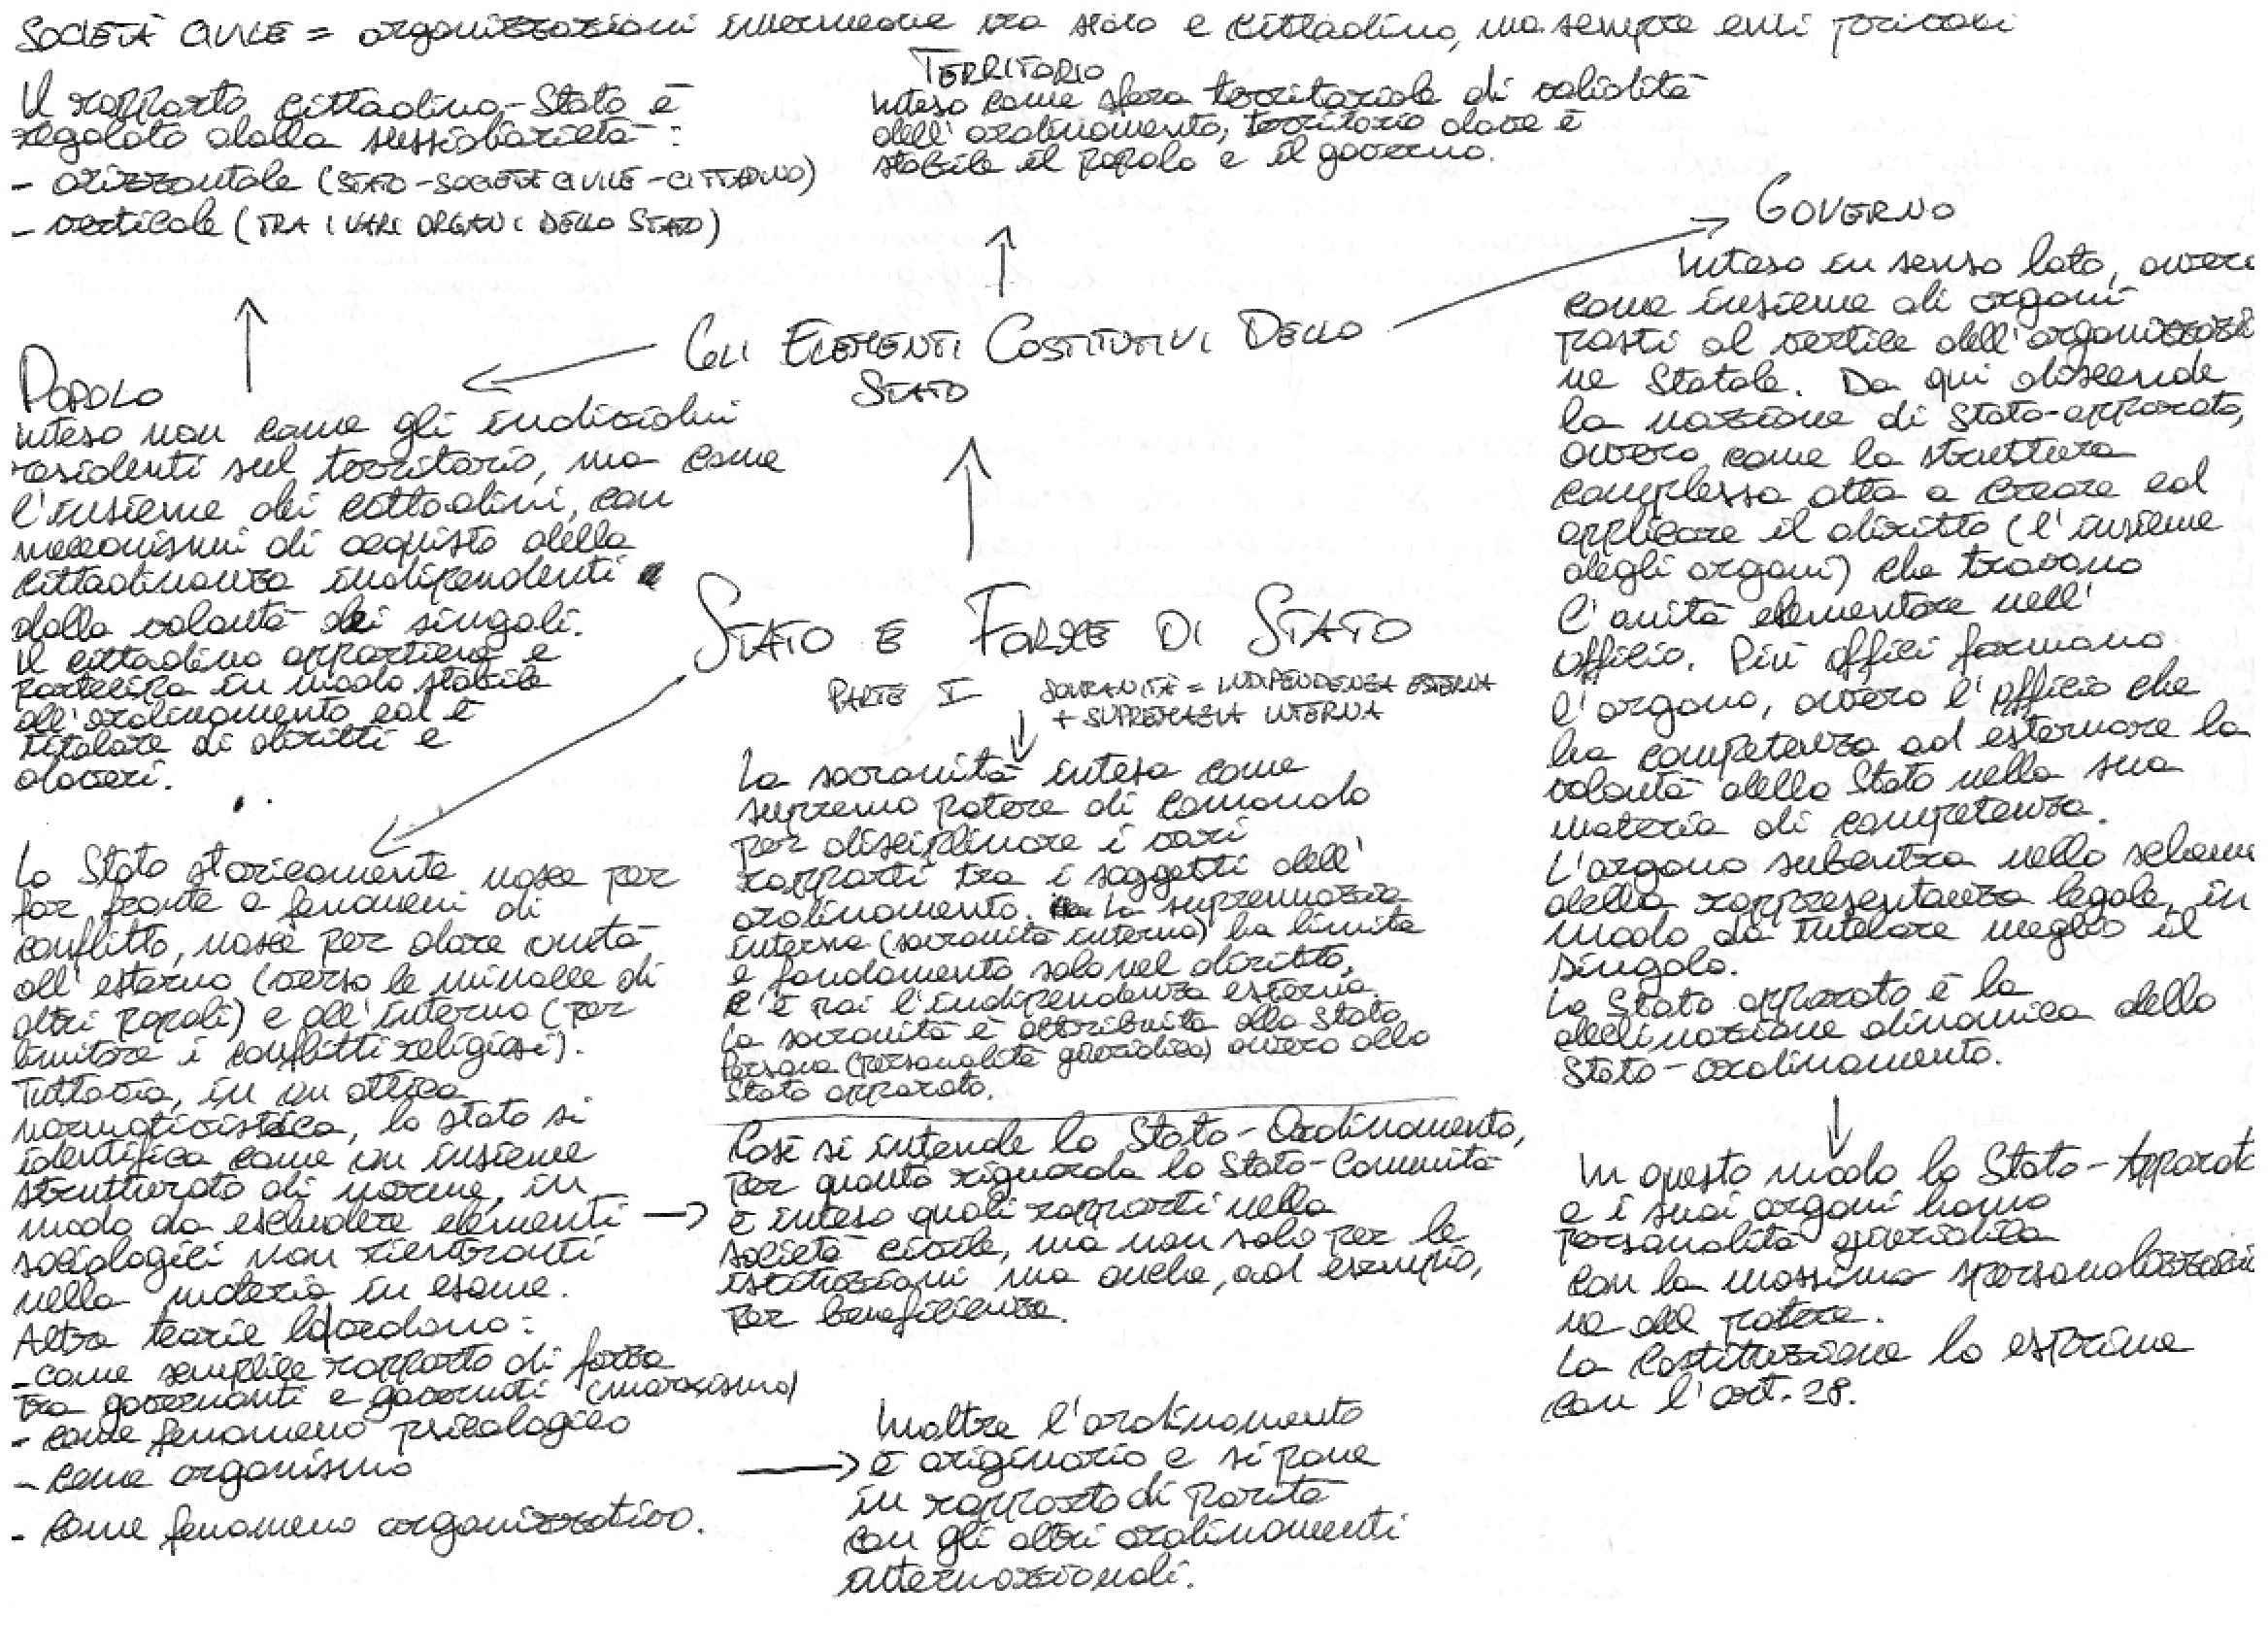 Diritto costituzionale - Stato e Forme di Stato